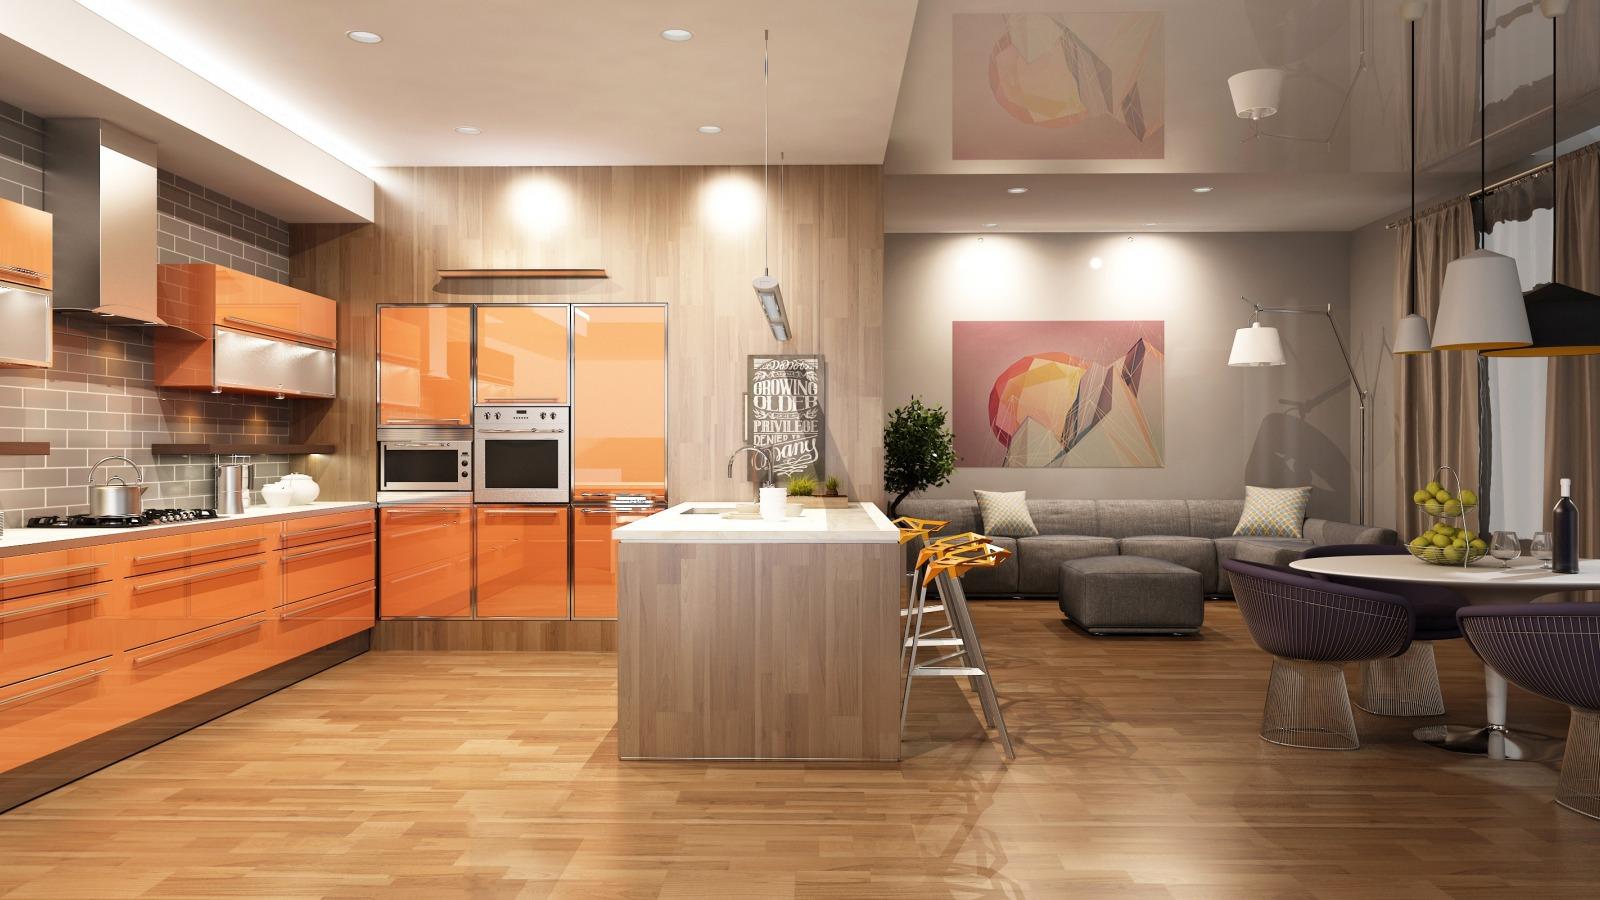 interior-design-kitchen-kukhnia-gostinaia-grafika.jpg